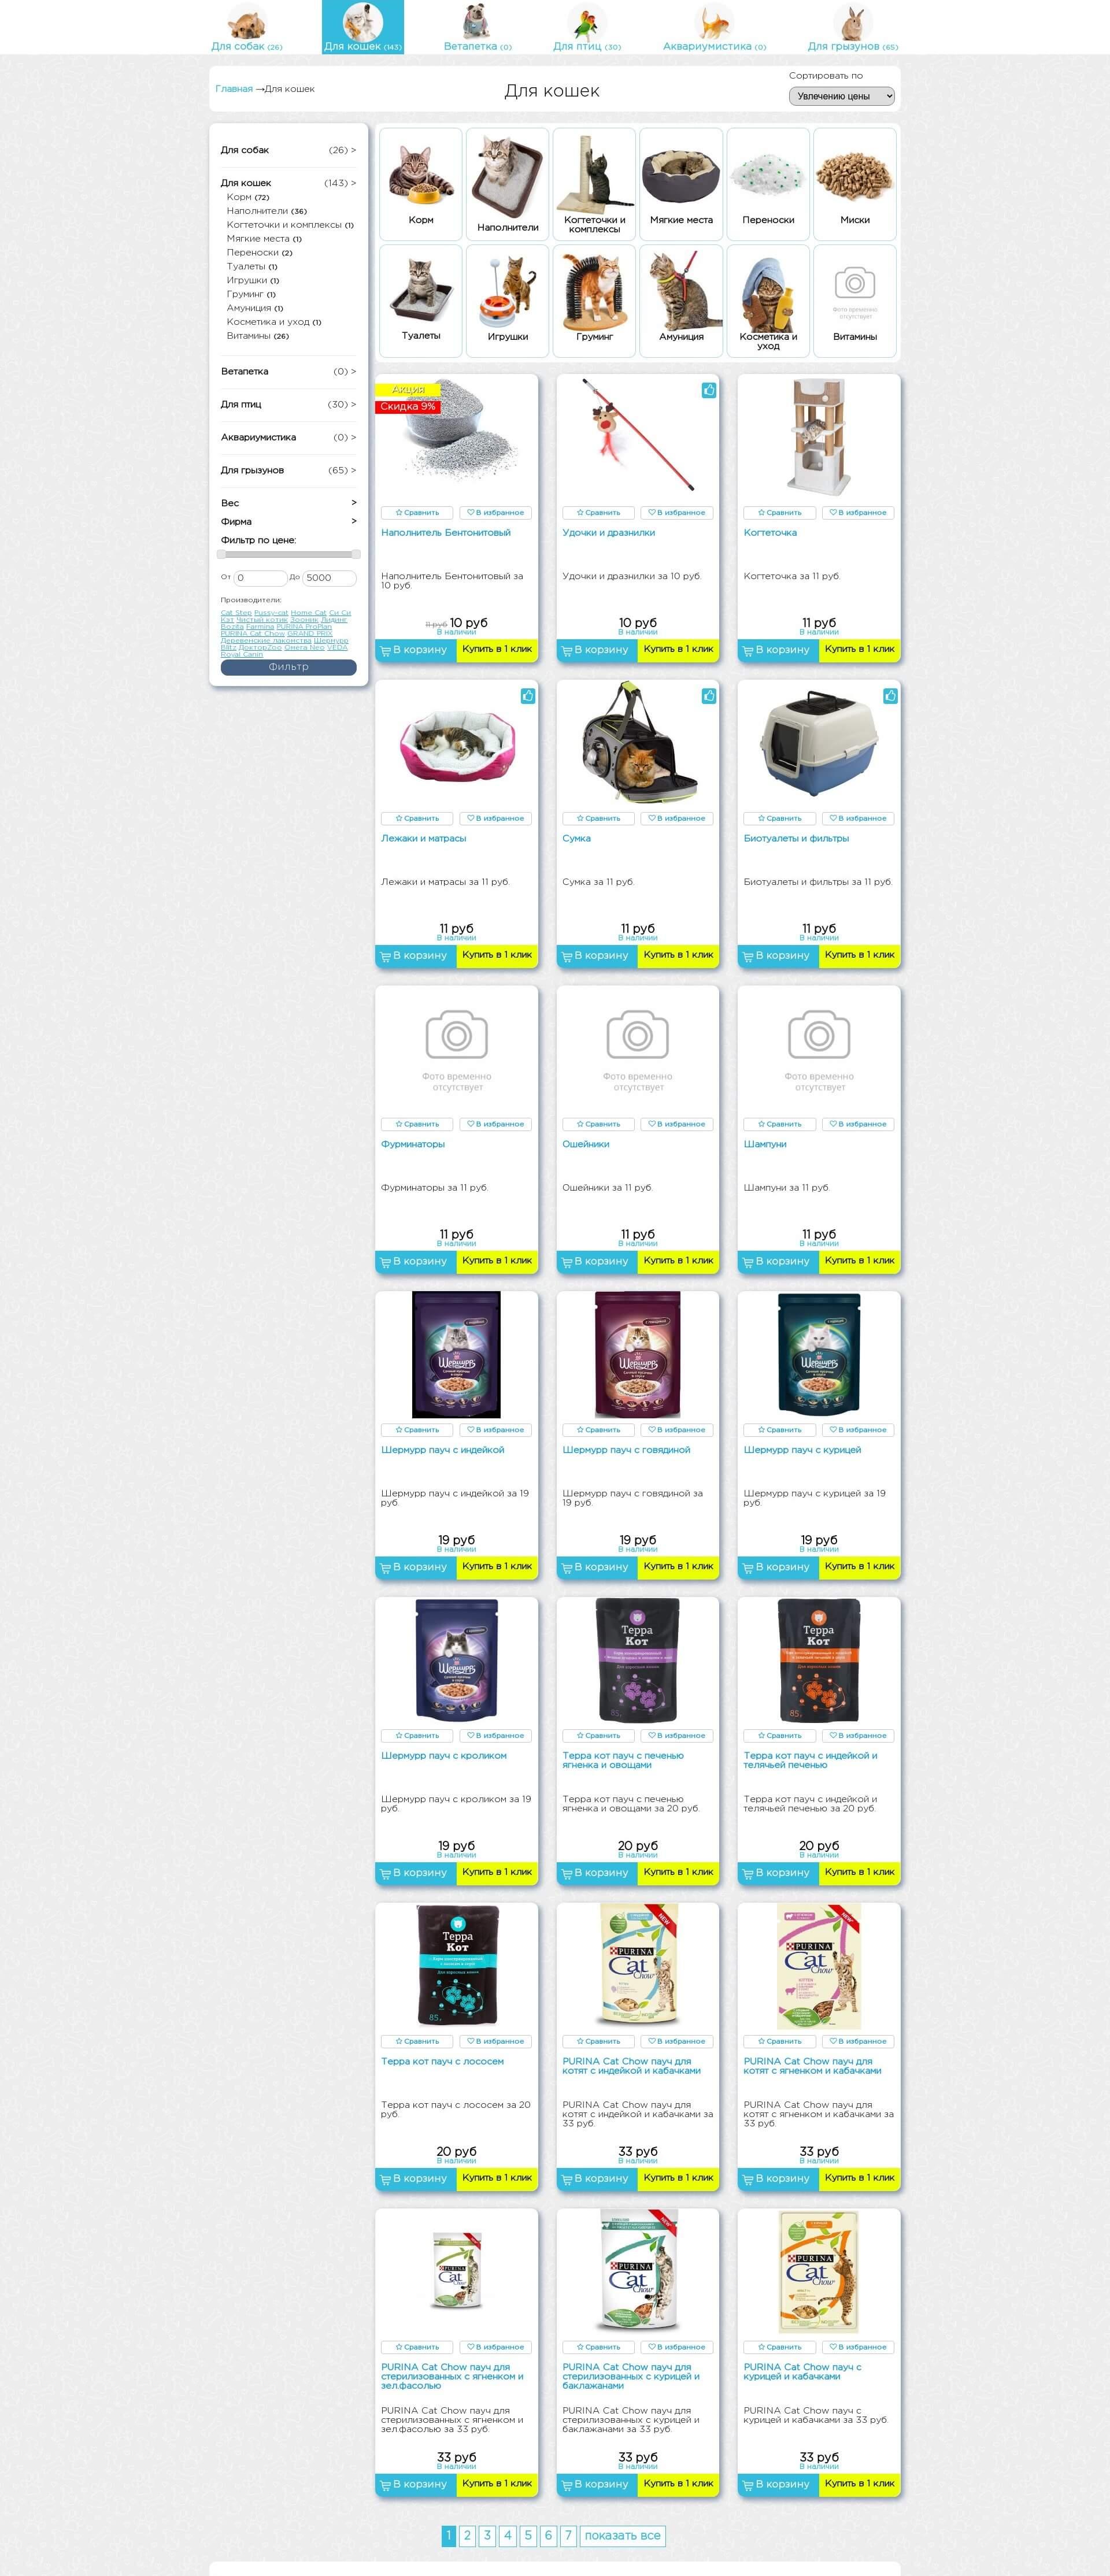 Скриншот №2 страницы сайта во весь экран. Интернет магазин для зоомагазина